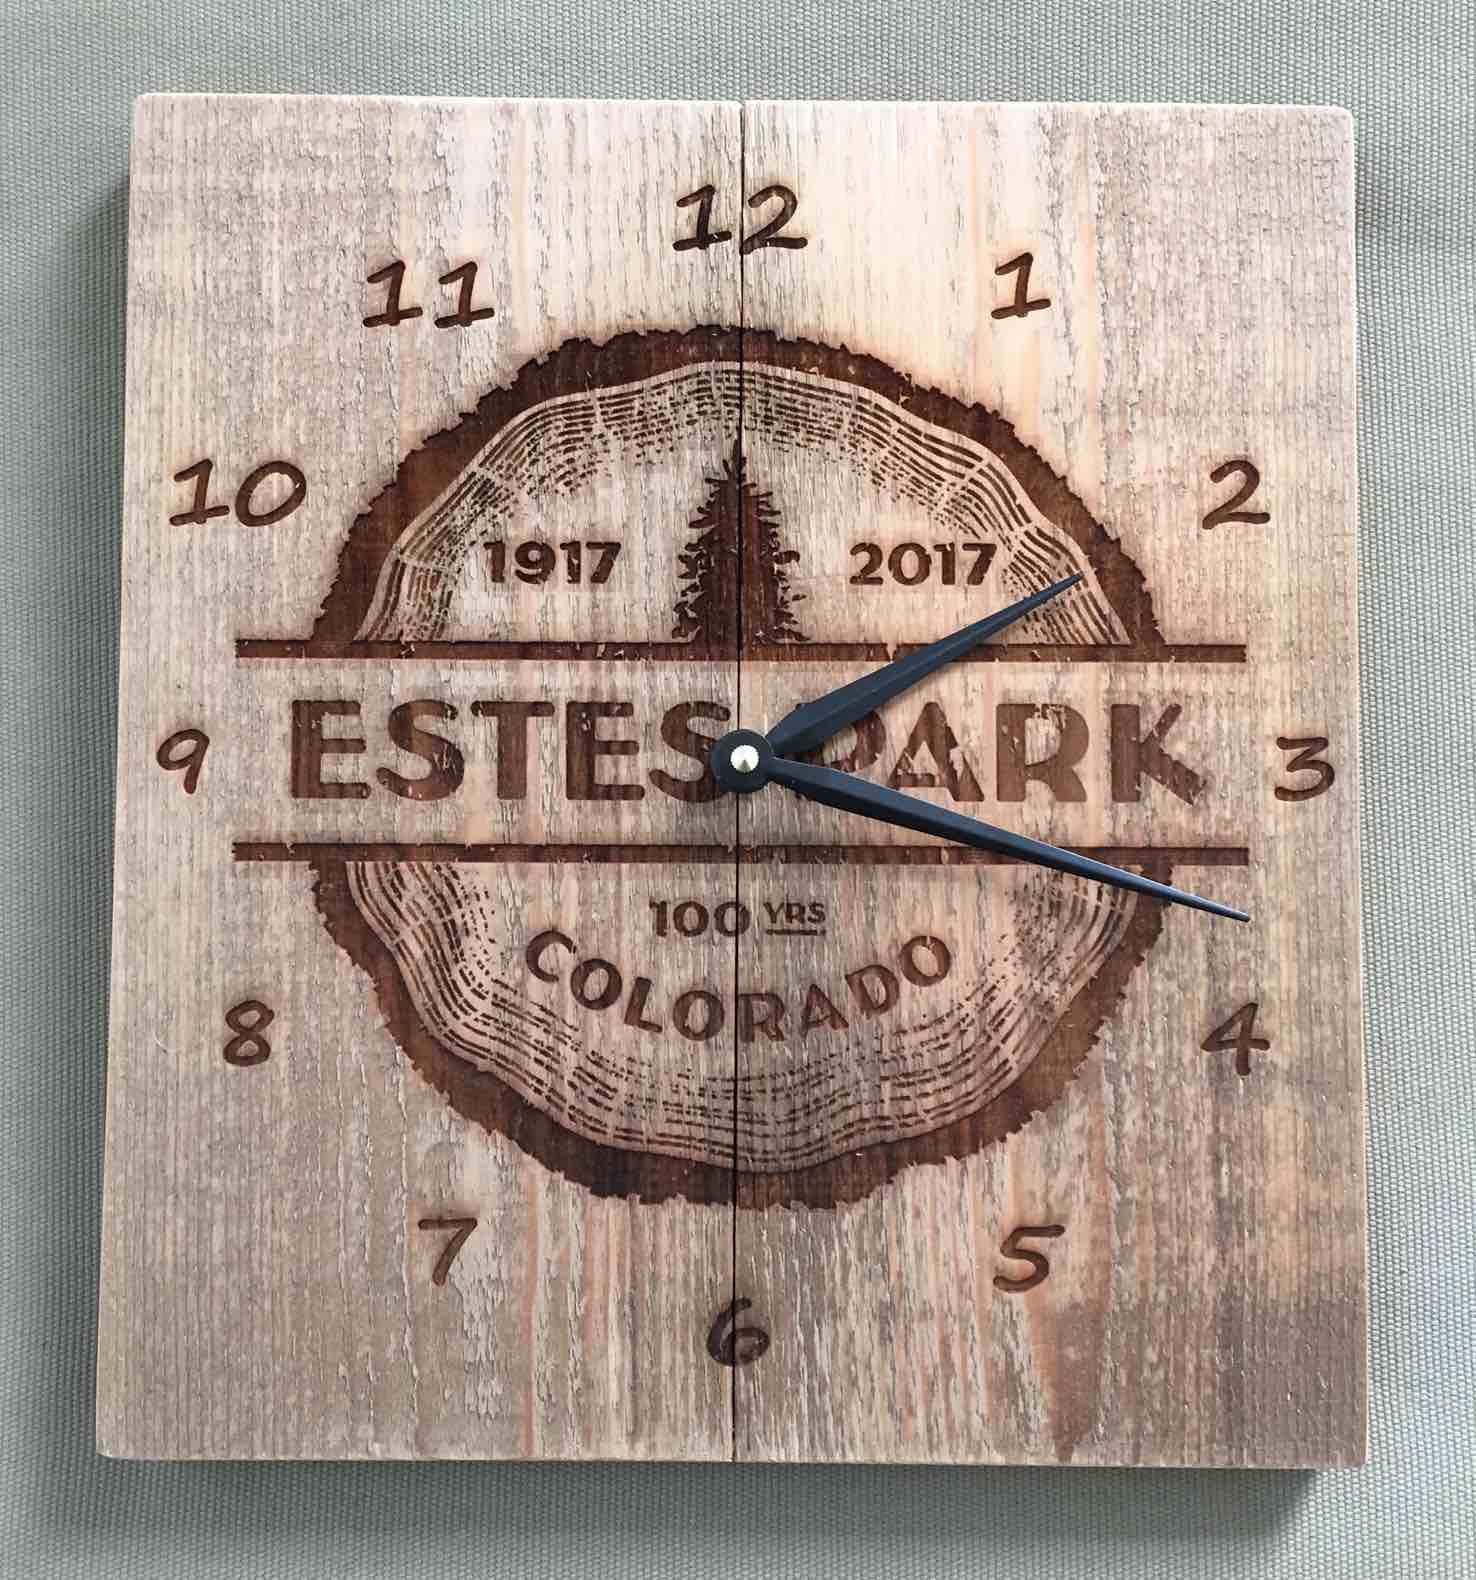 Estes Park Centennial